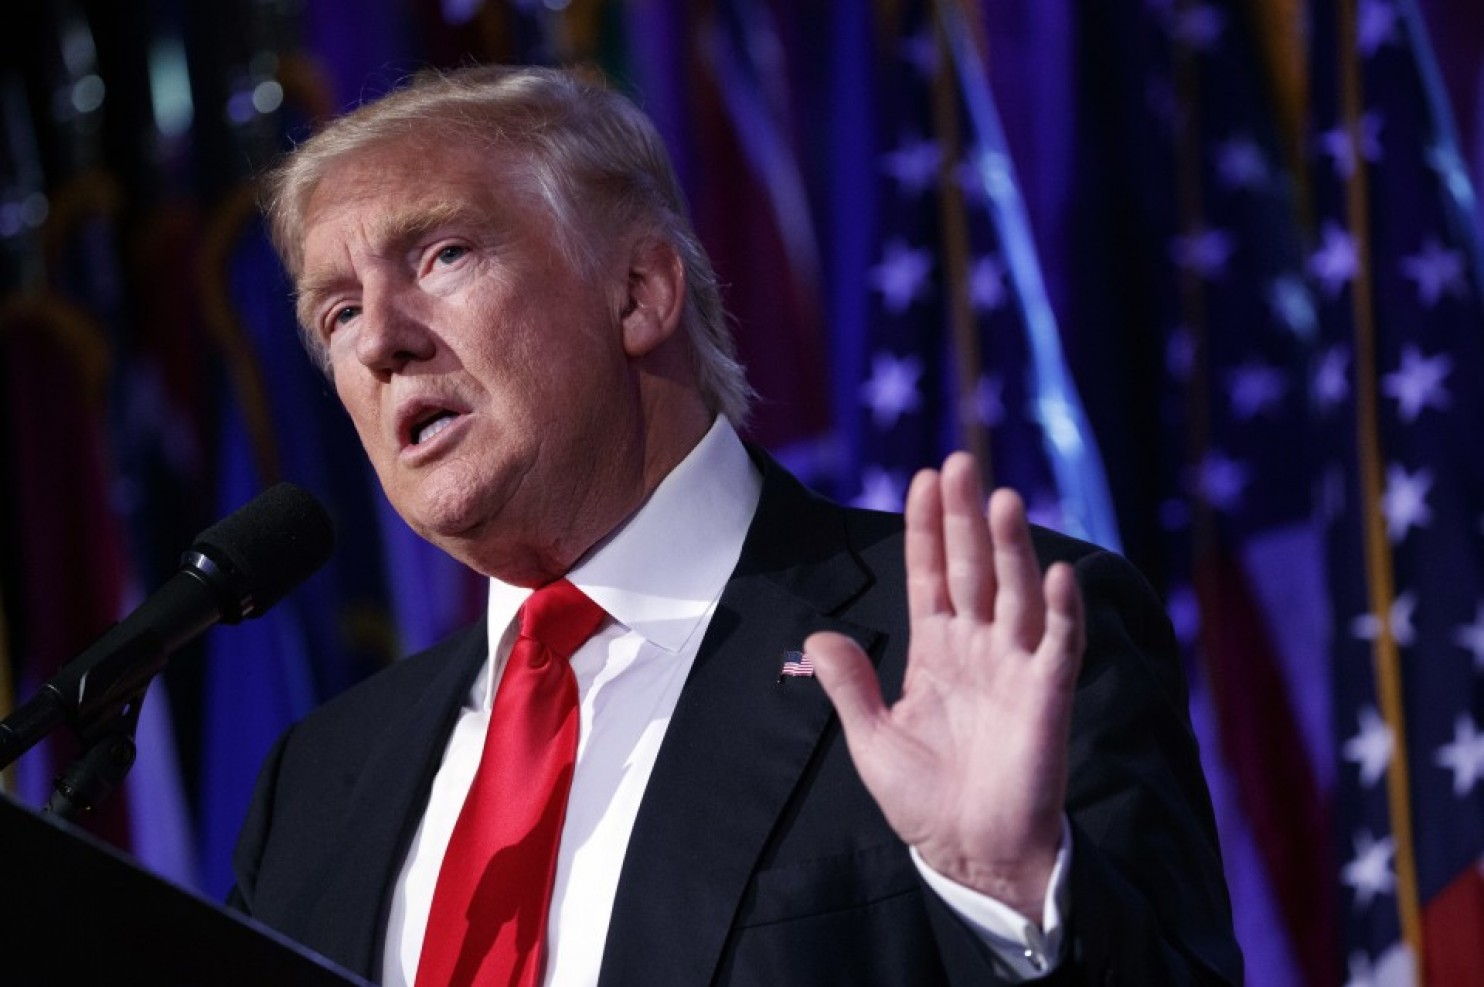 华盛顿邮报称,菲利普斯在证明希拉里通过非法手段获取普选票之前,就发表这类声明是非常奇怪的。他也没有就任何对他的质疑做出回应。   据路透社报道,特朗普在竞选时期就不断声称大选遭到了希拉里方面的操控。投票时,特朗普则表示,希望美国能够团结起来,并且反对他的竞争对手希拉里以及媒体。   而在感恩节时,他则表示希望美国能够开始治愈长时间因为政治斗争而产生的伤痕。   据观察者网报道,根据大选最新计票结果,特朗普和希拉里分别赢得306张和232张选举人票。据悉,密歇根、宾夕法尼亚、维斯康辛三州选举人票数